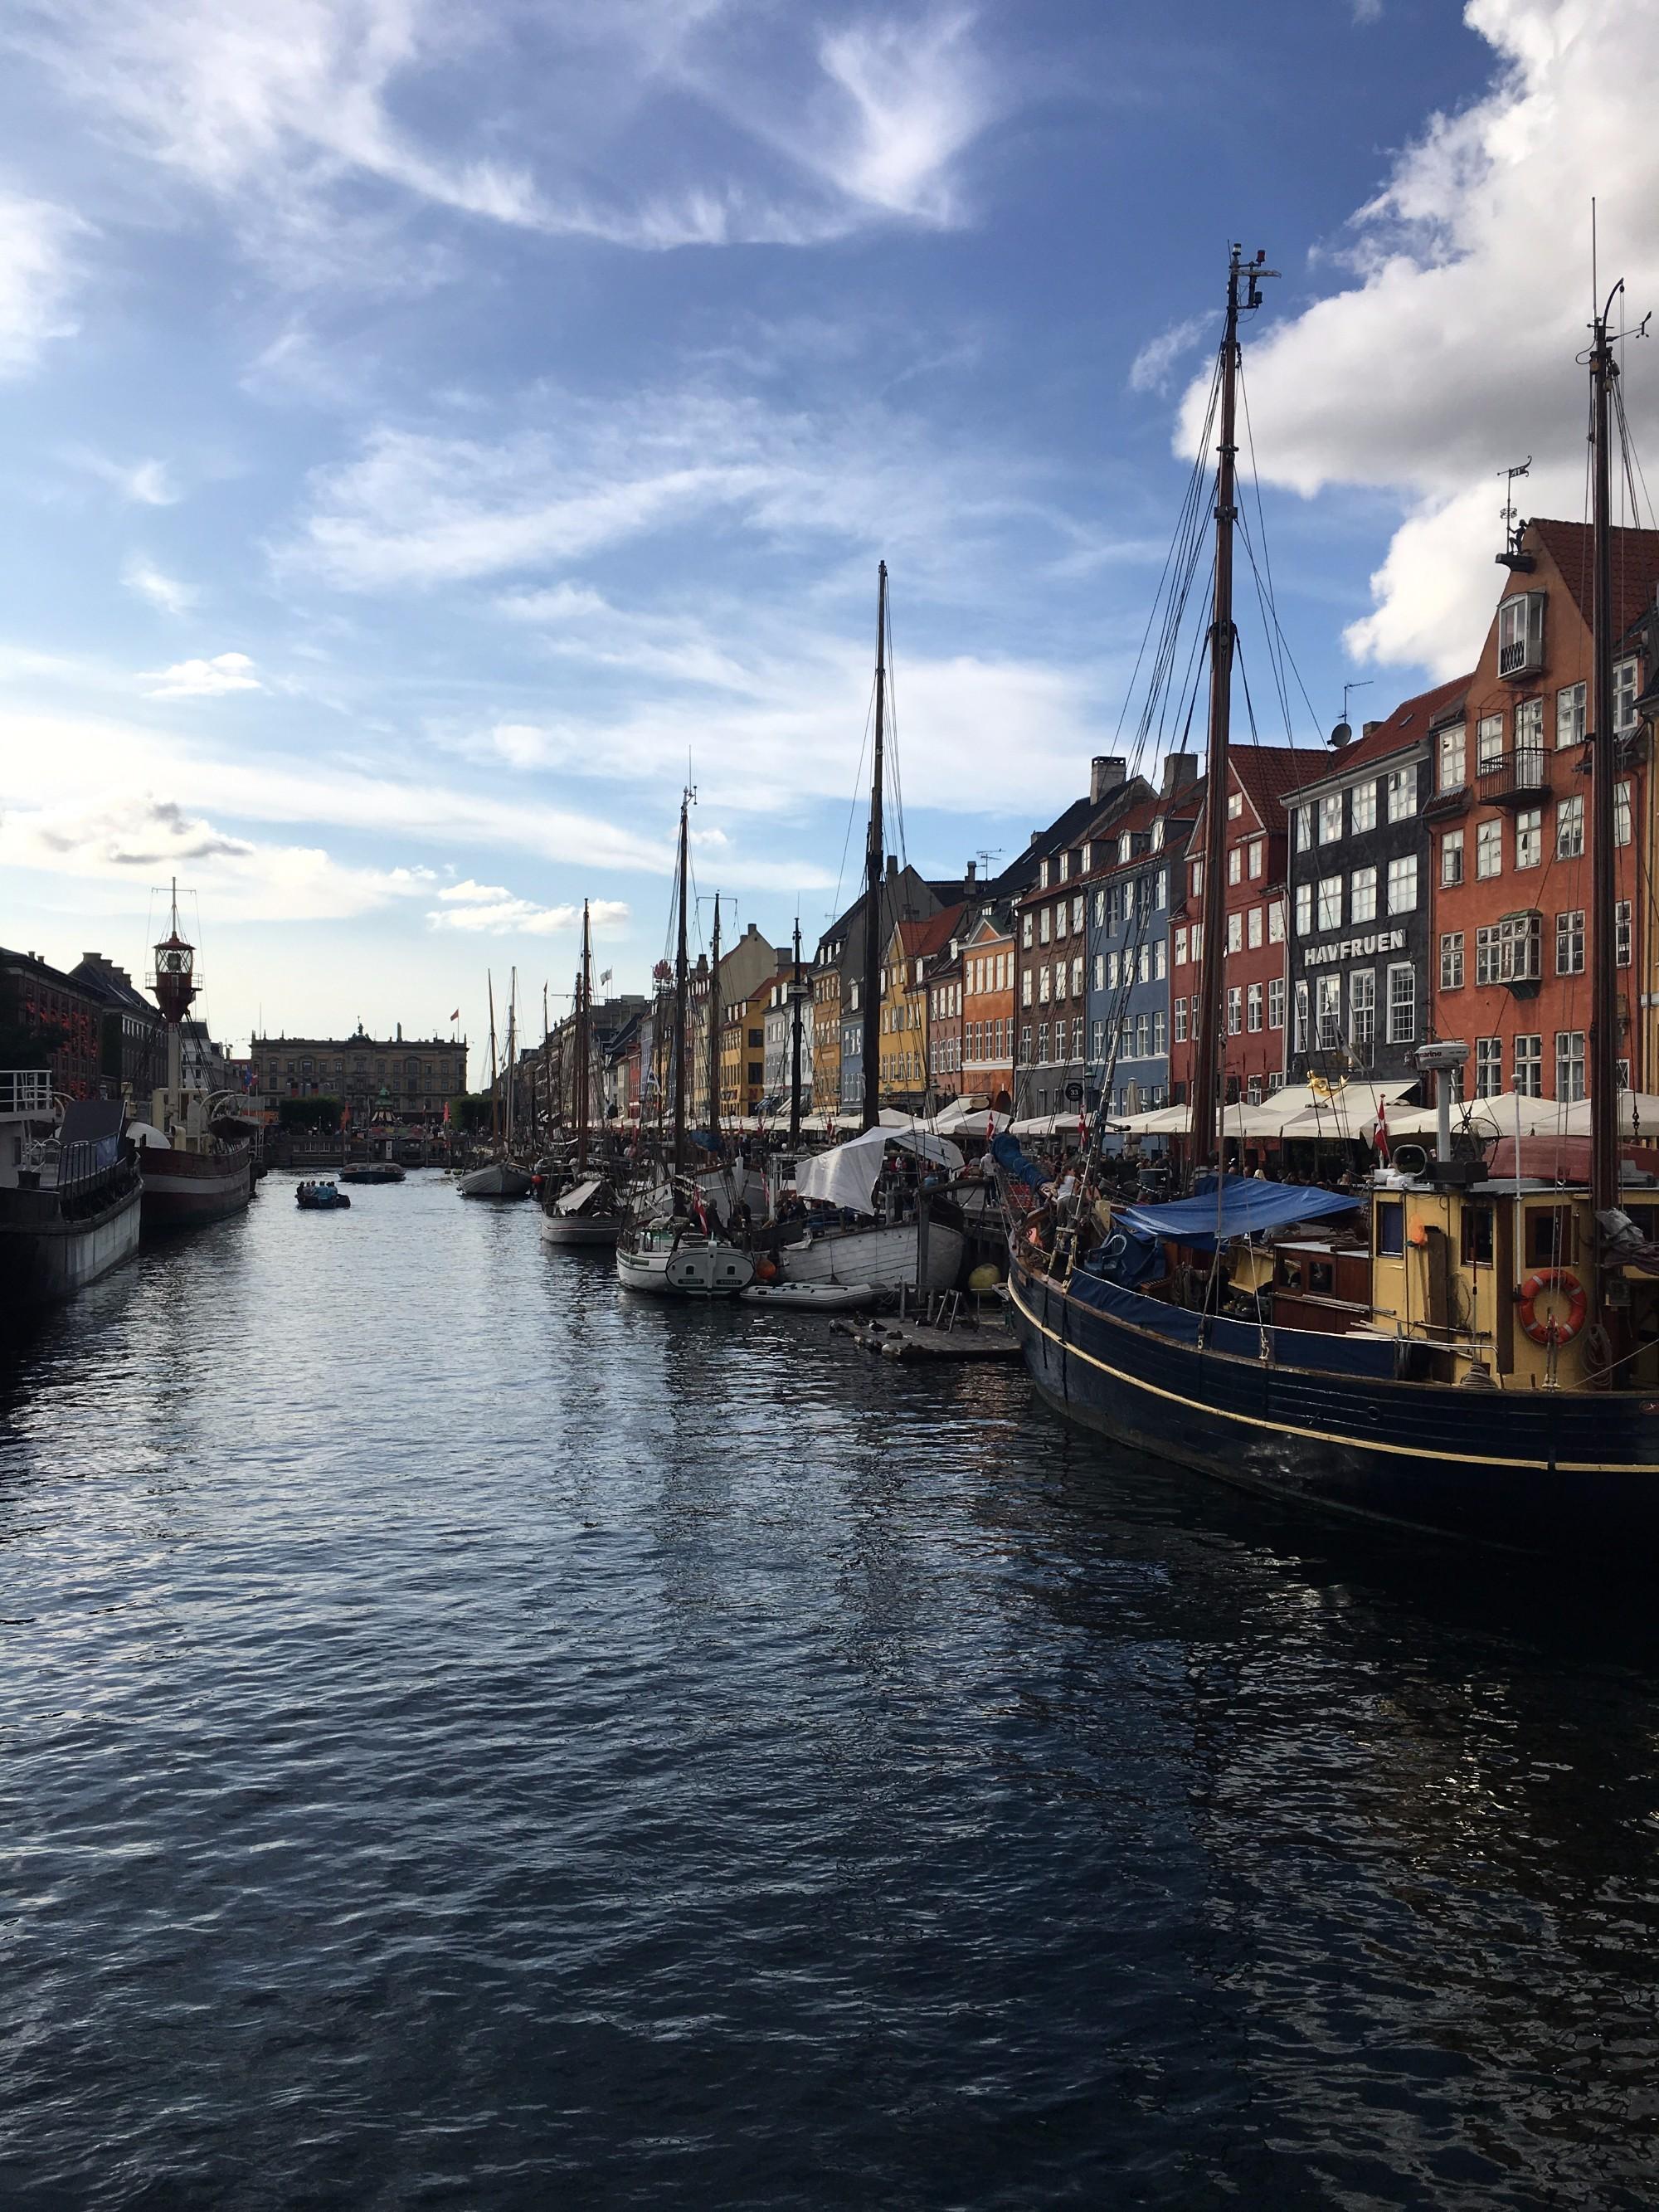 Дания картинки фото города